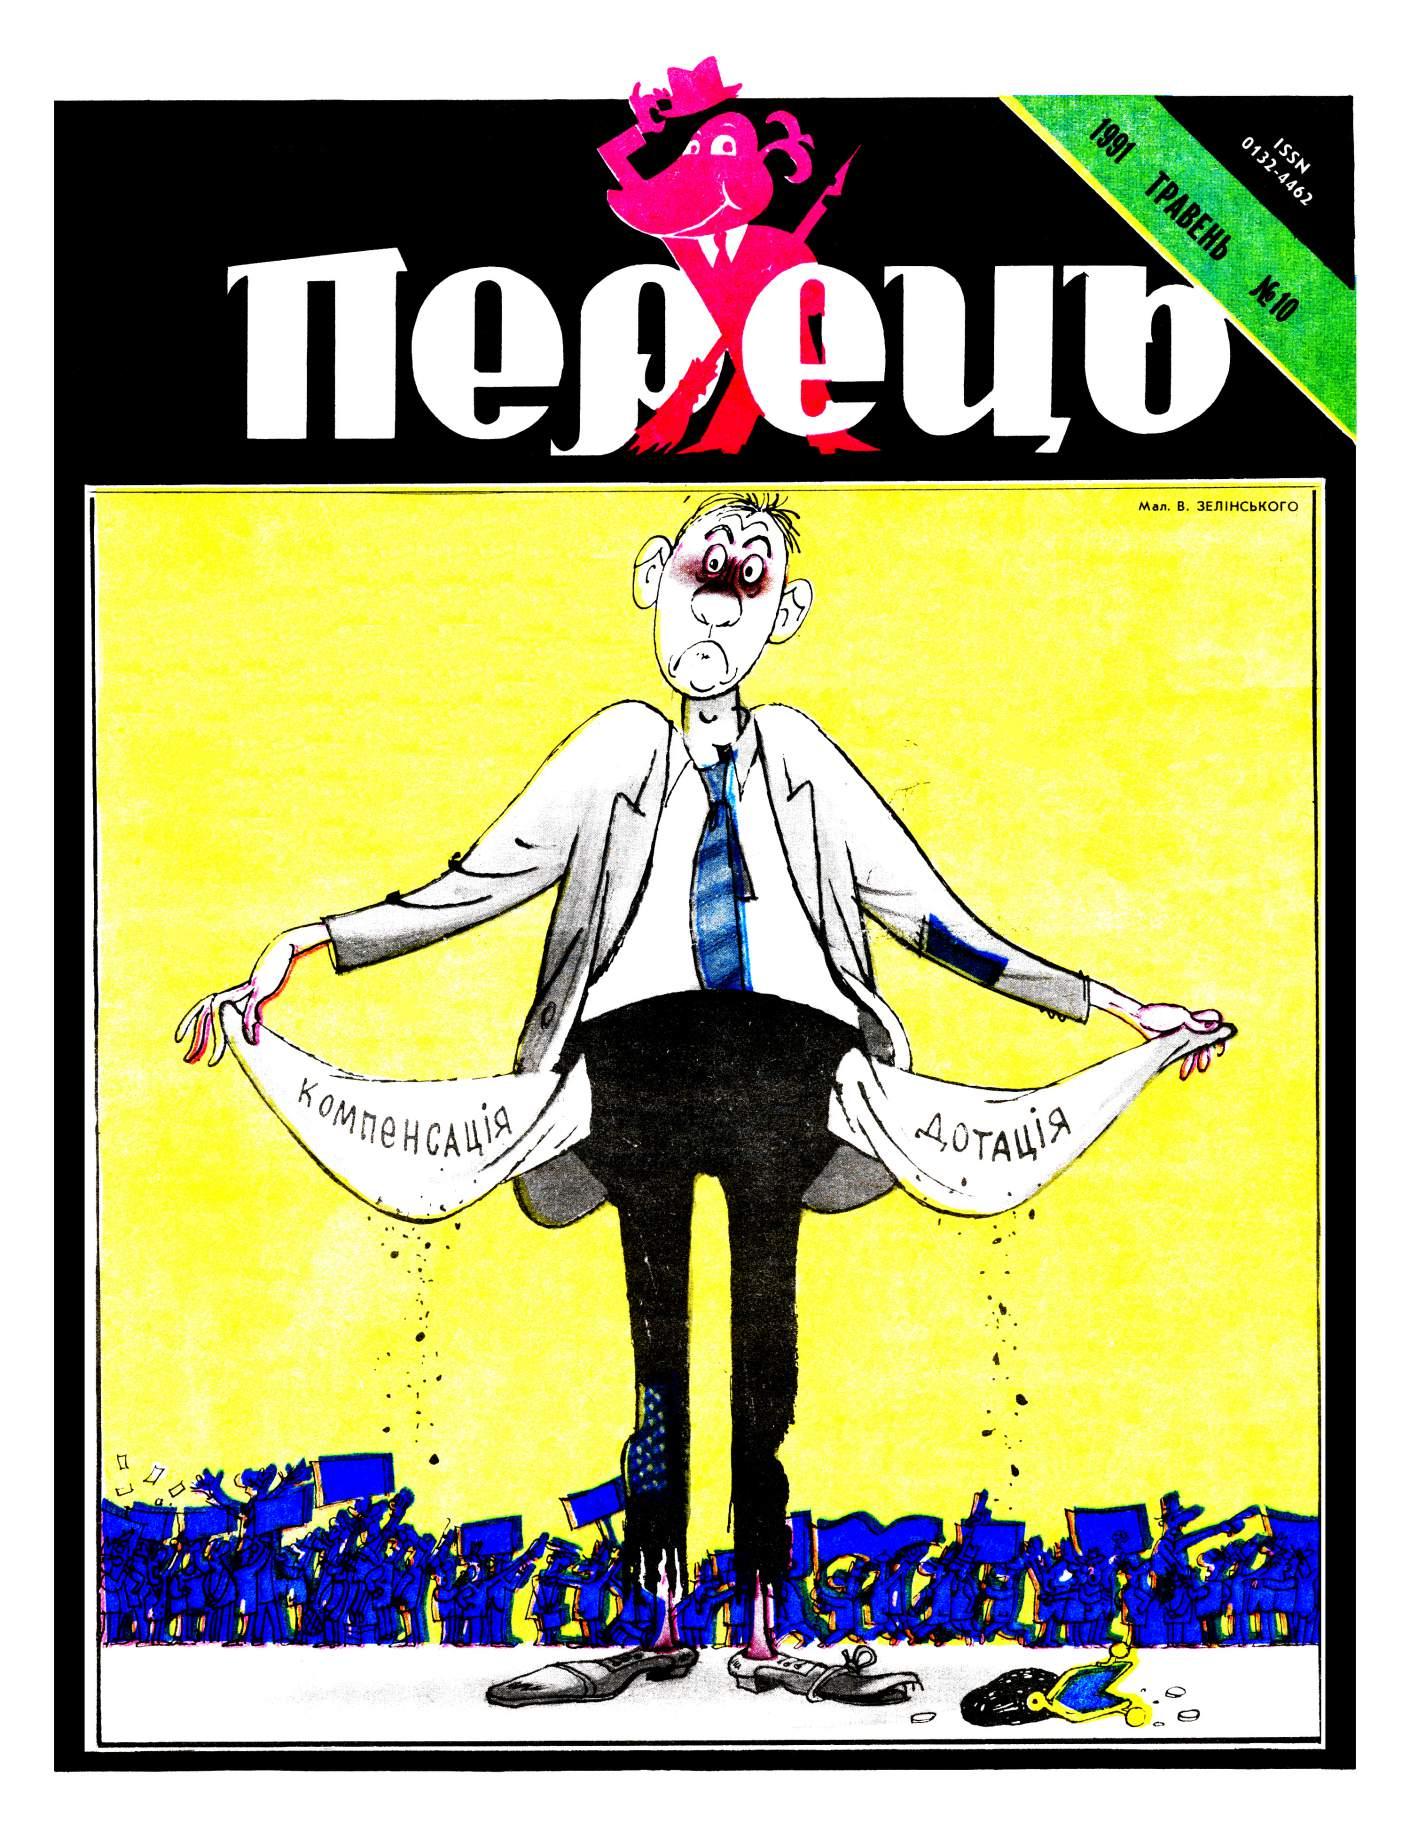 Журнал перець 1991 №10